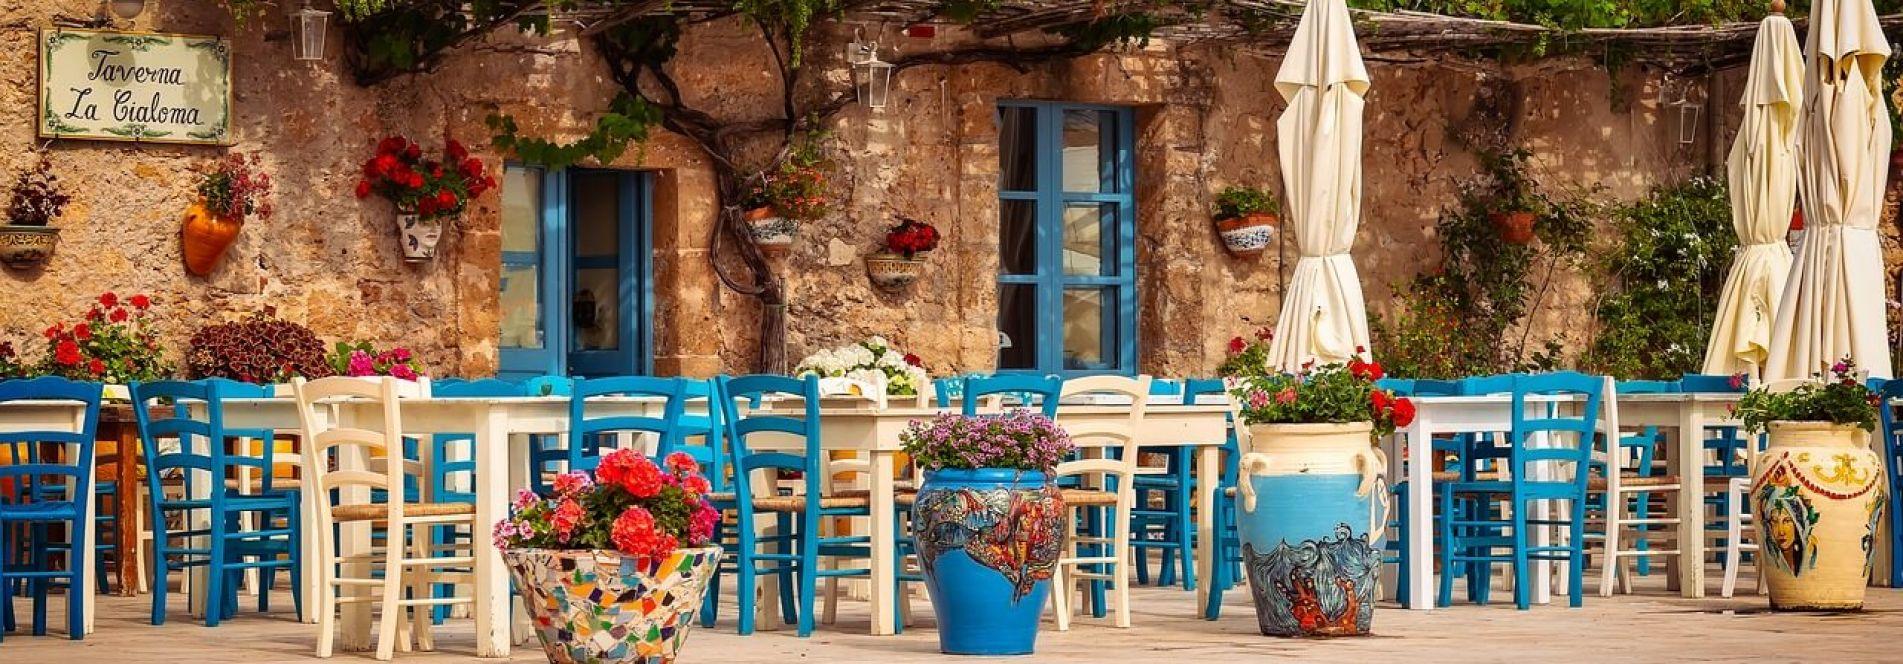 Putovanja na Siciliju